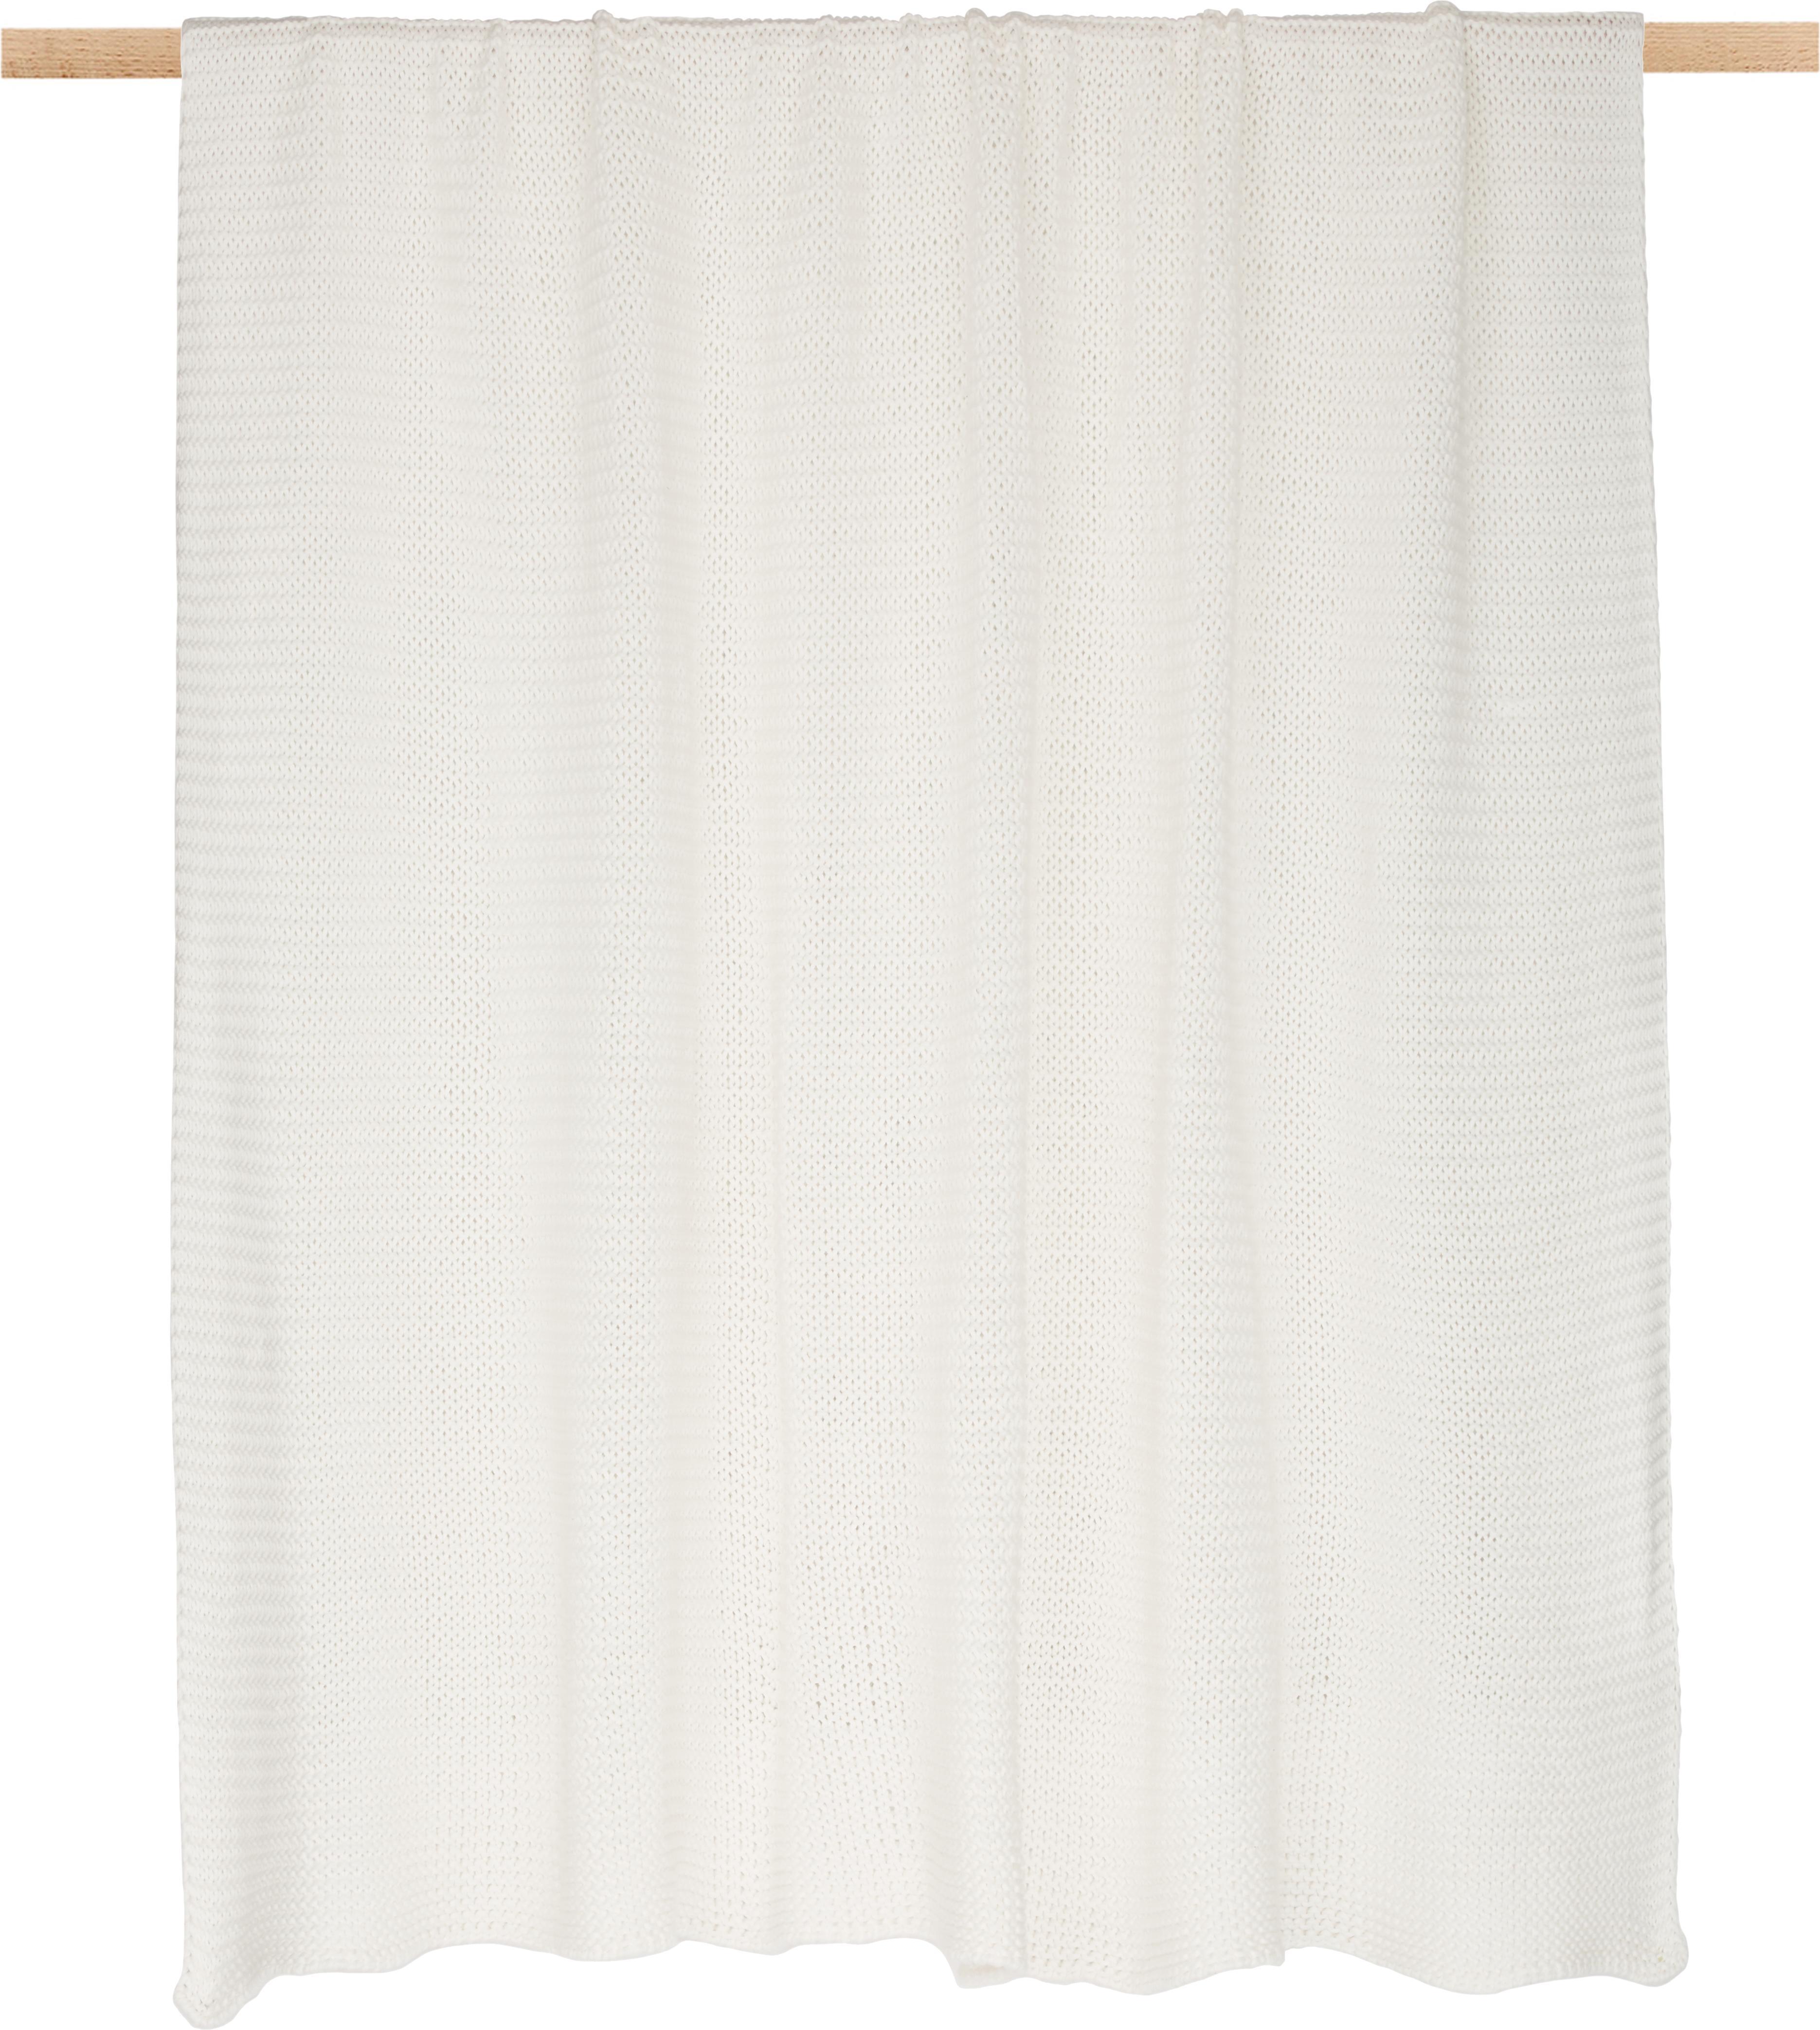 Gebreide plaid Adalyn, 100% katoen, Crèmekleurig, 150 x 200 cm